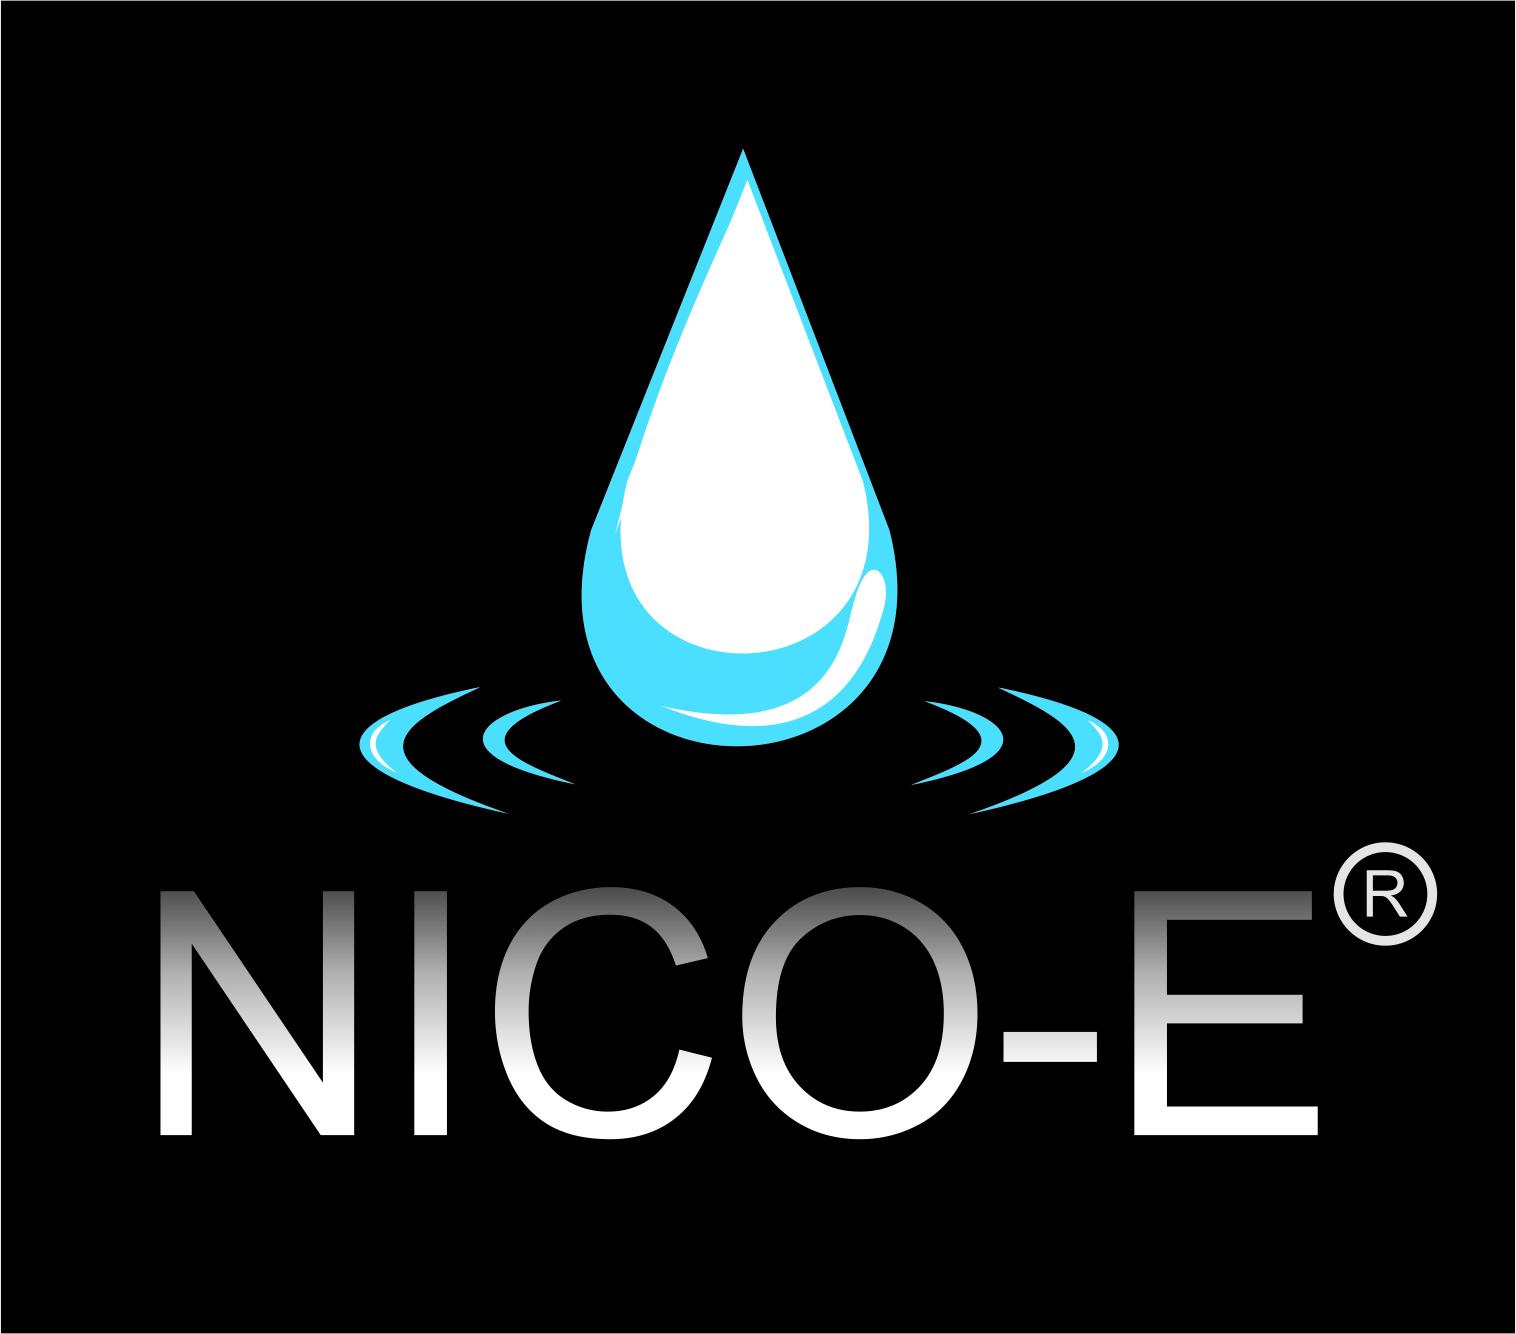 Nico-E